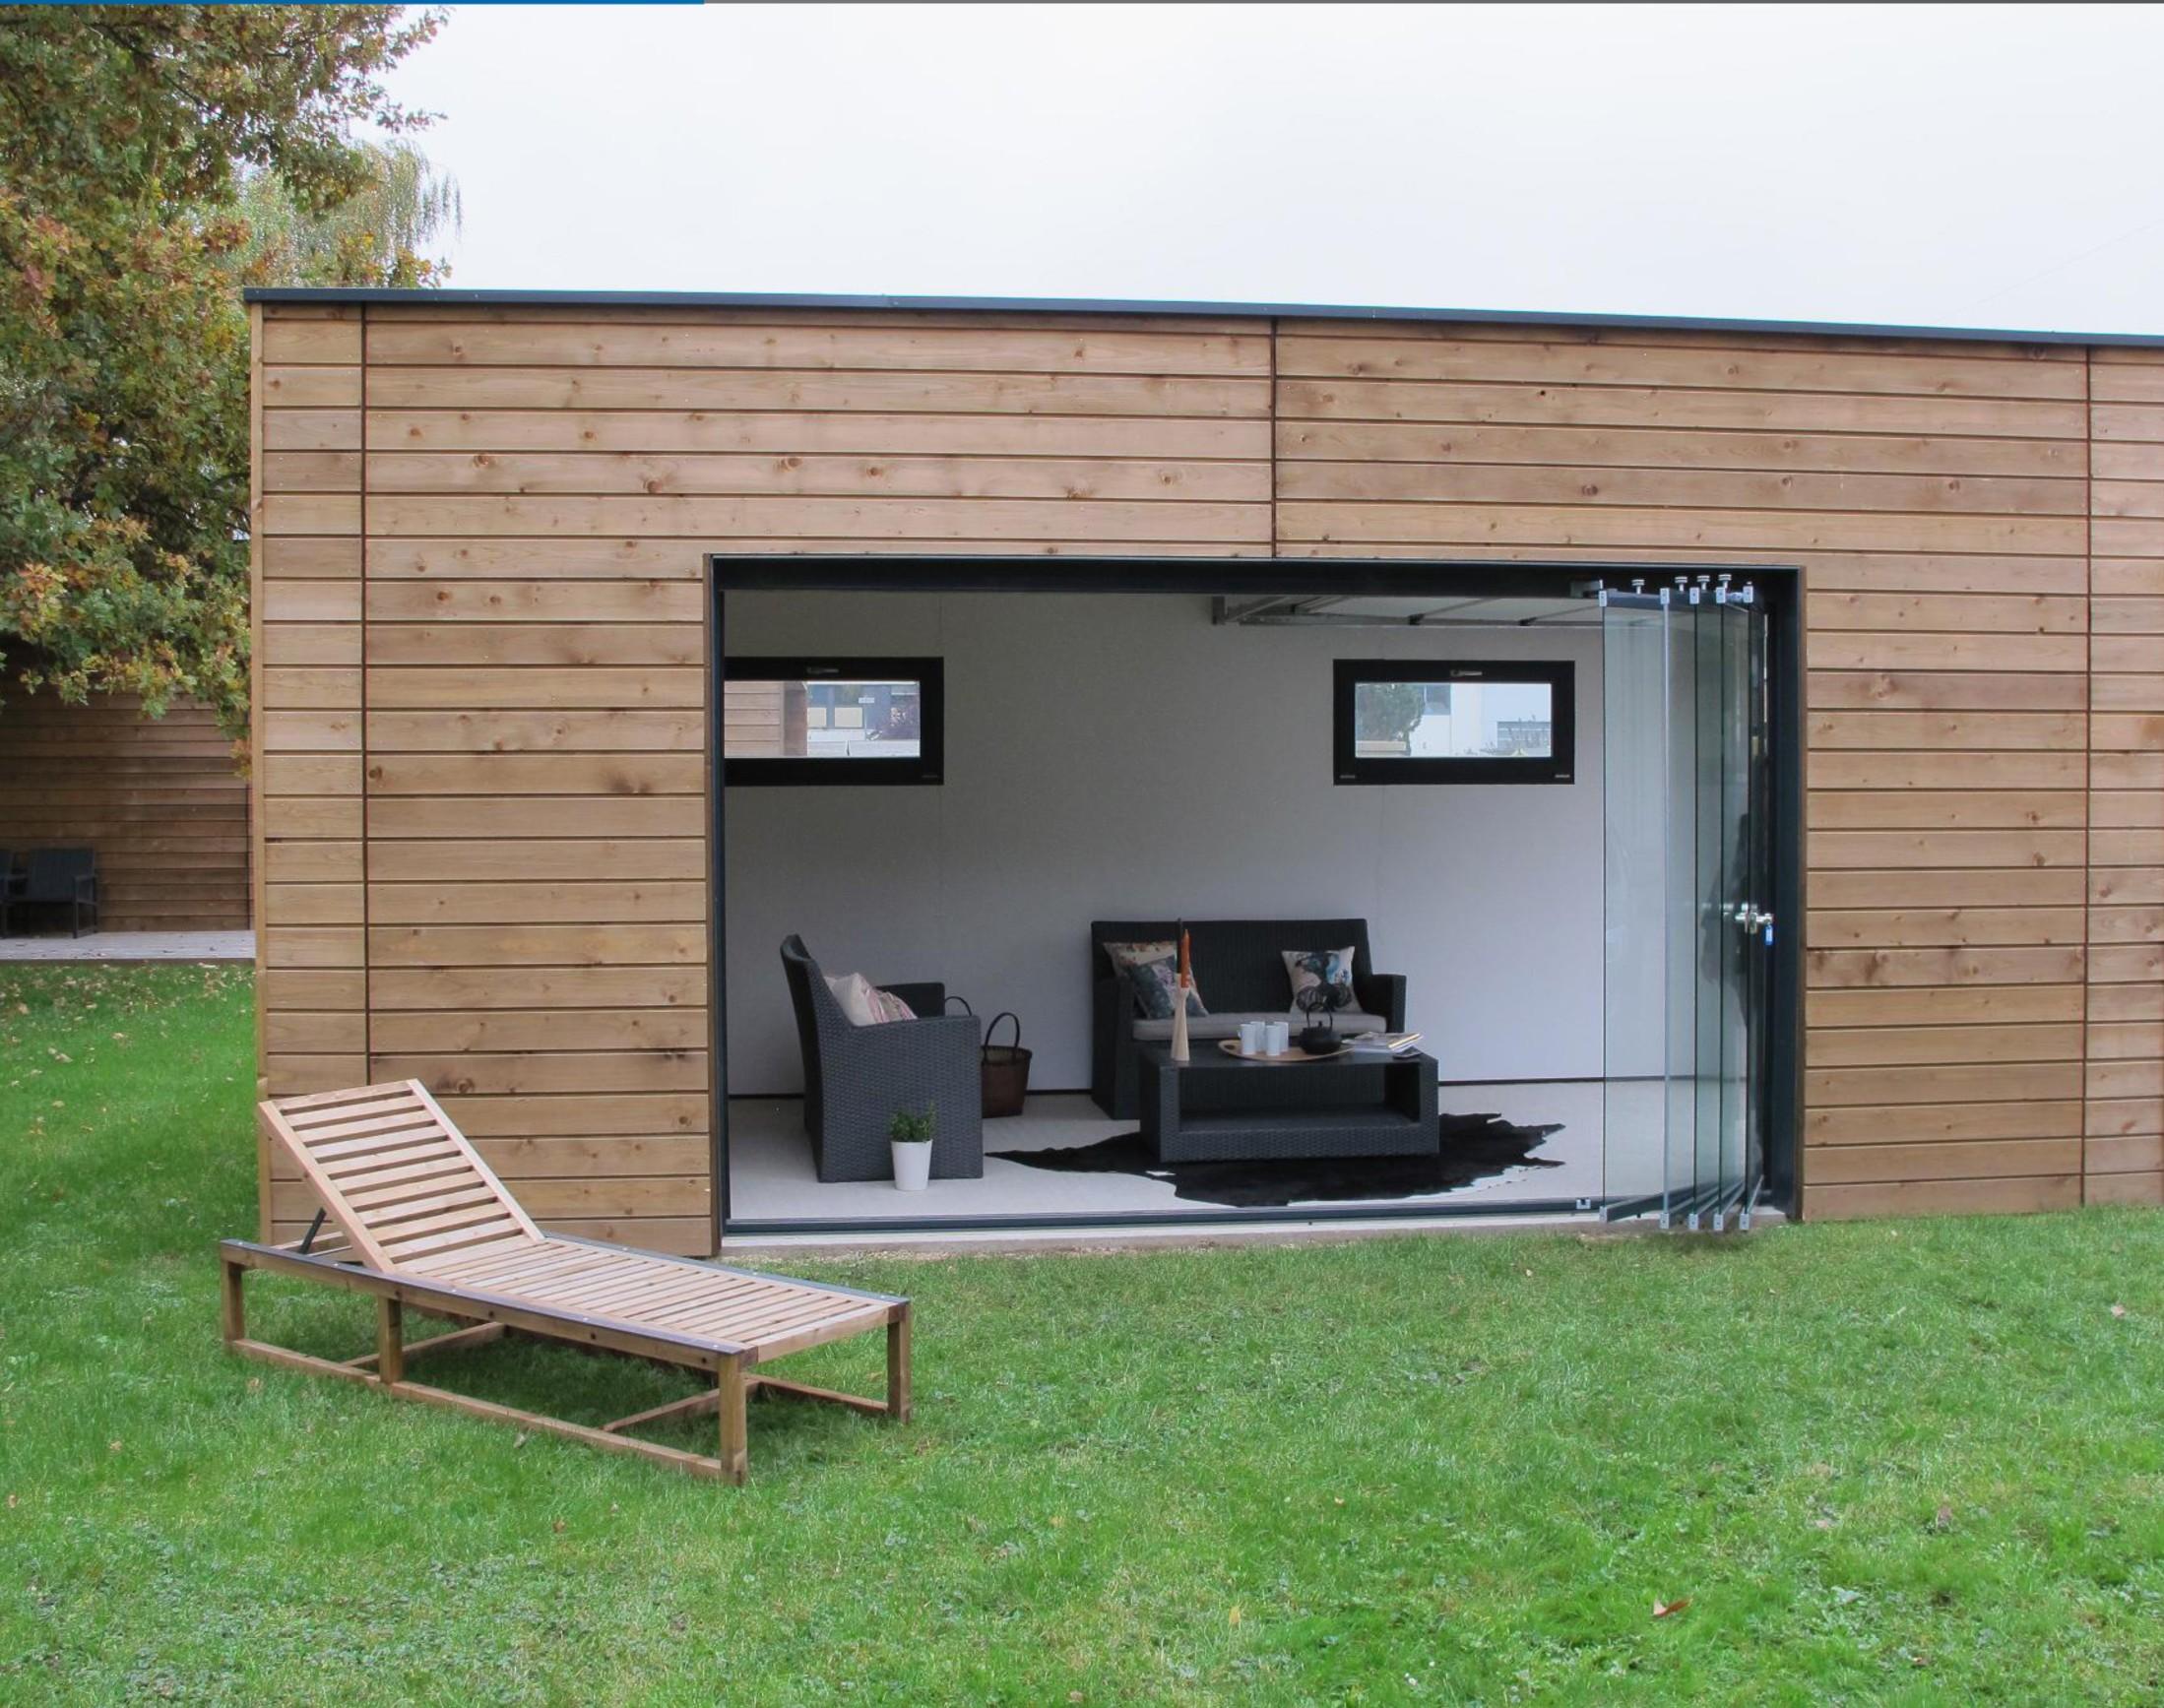 Studio ossature bois for Sav habitat et jardin